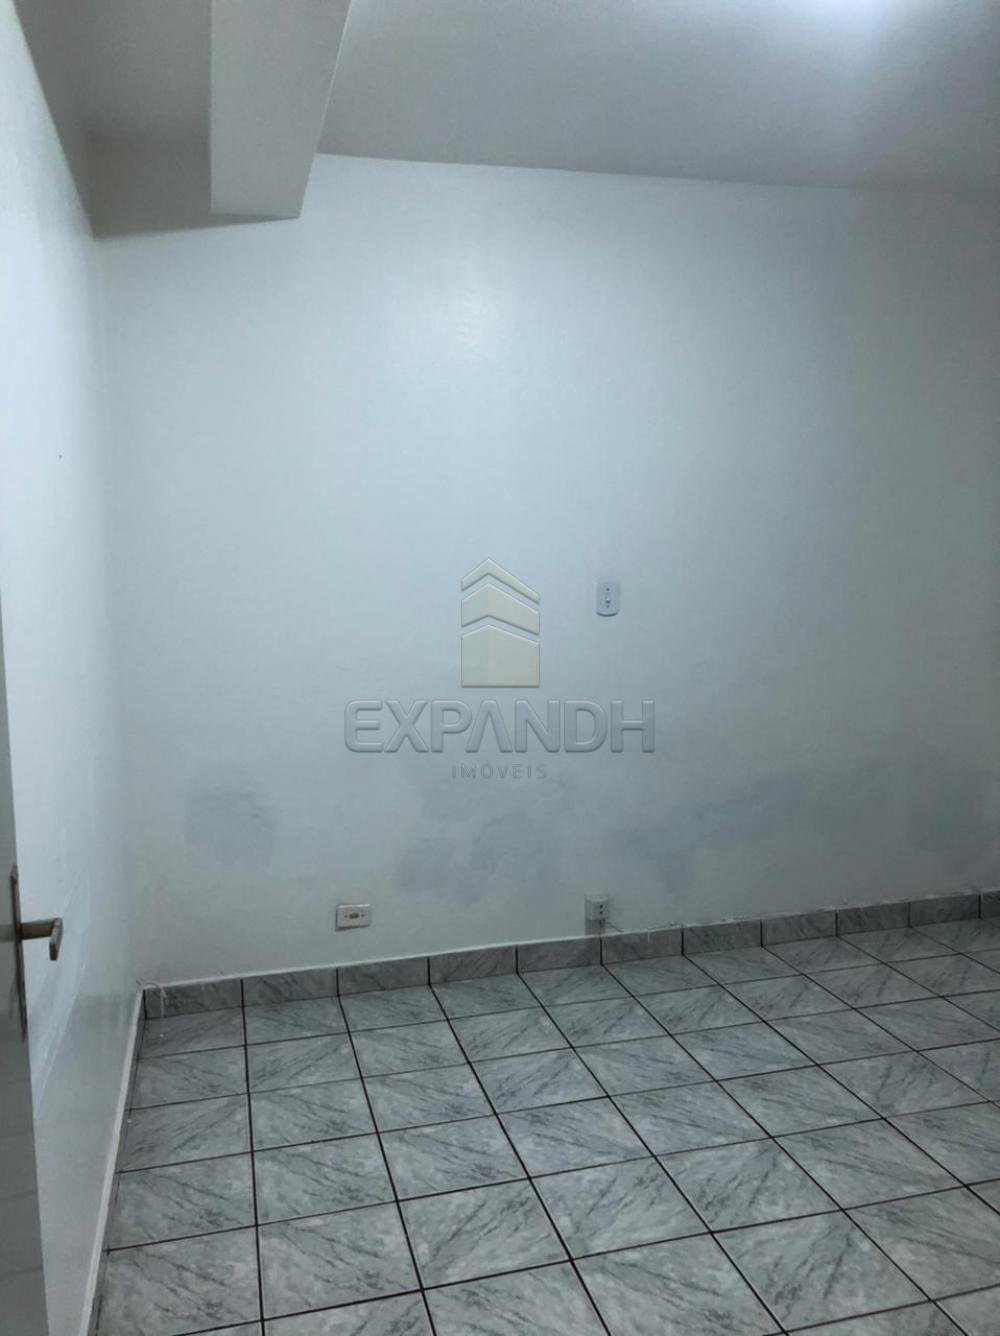 Alugar Casas / Padrão em Sertãozinho R$ 1.000,00 - Foto 8